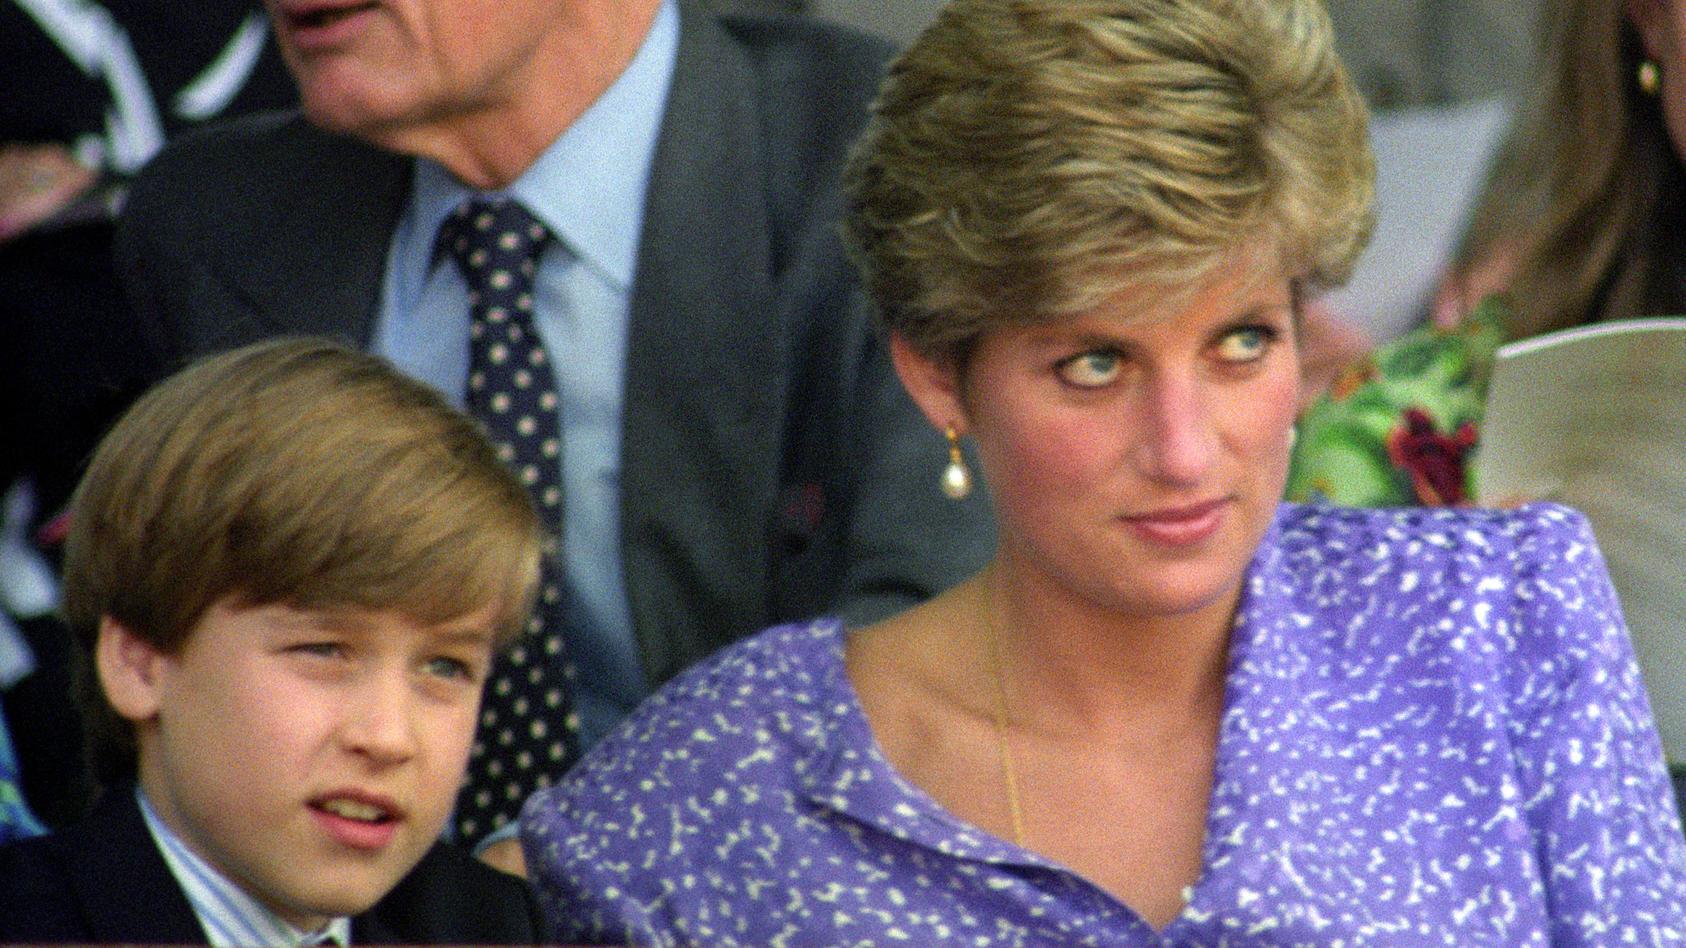 Prinz William gab seiner Mutter, Lady Diana, kurz vor ihrem Tod noch ein rührendes Versprechen.